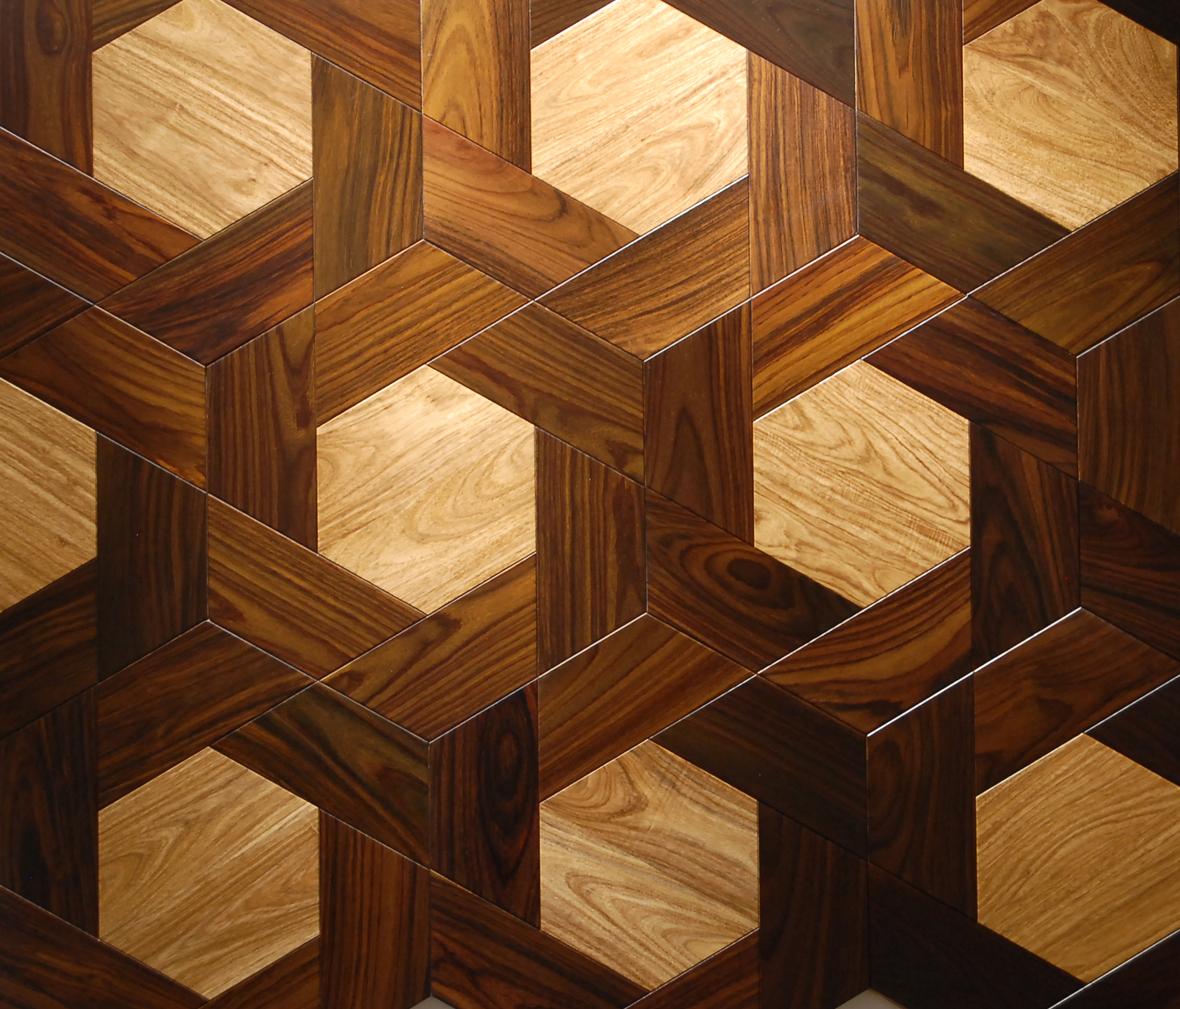 安信地板 多层实木地板 老榆木 樱桃木色 美式复古风格图片